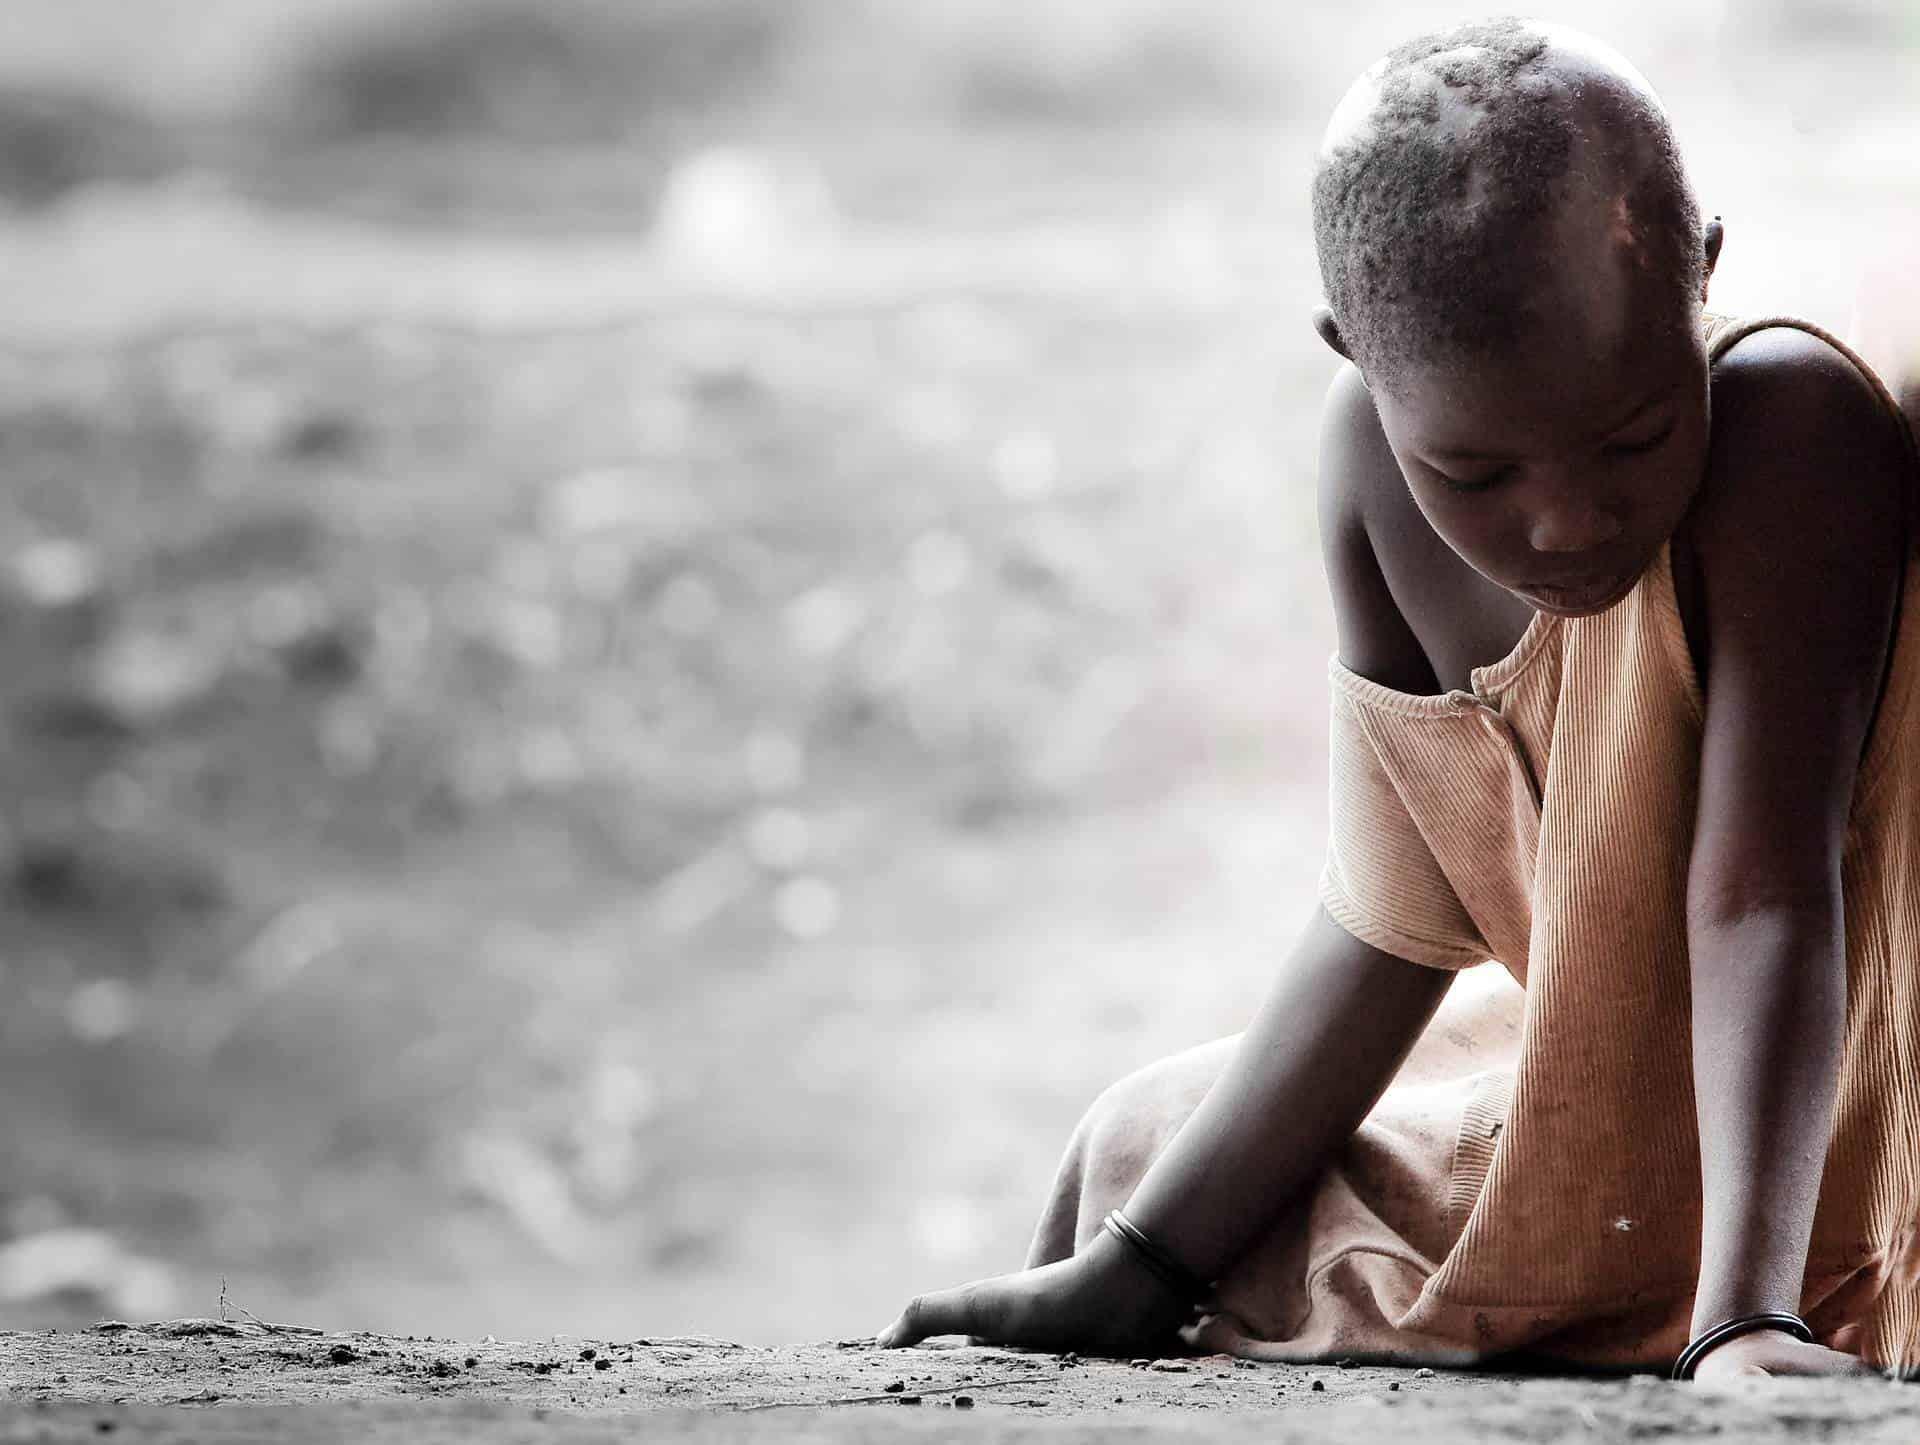 Perché gli africani scappano dall'Africa? 5 motivi reali